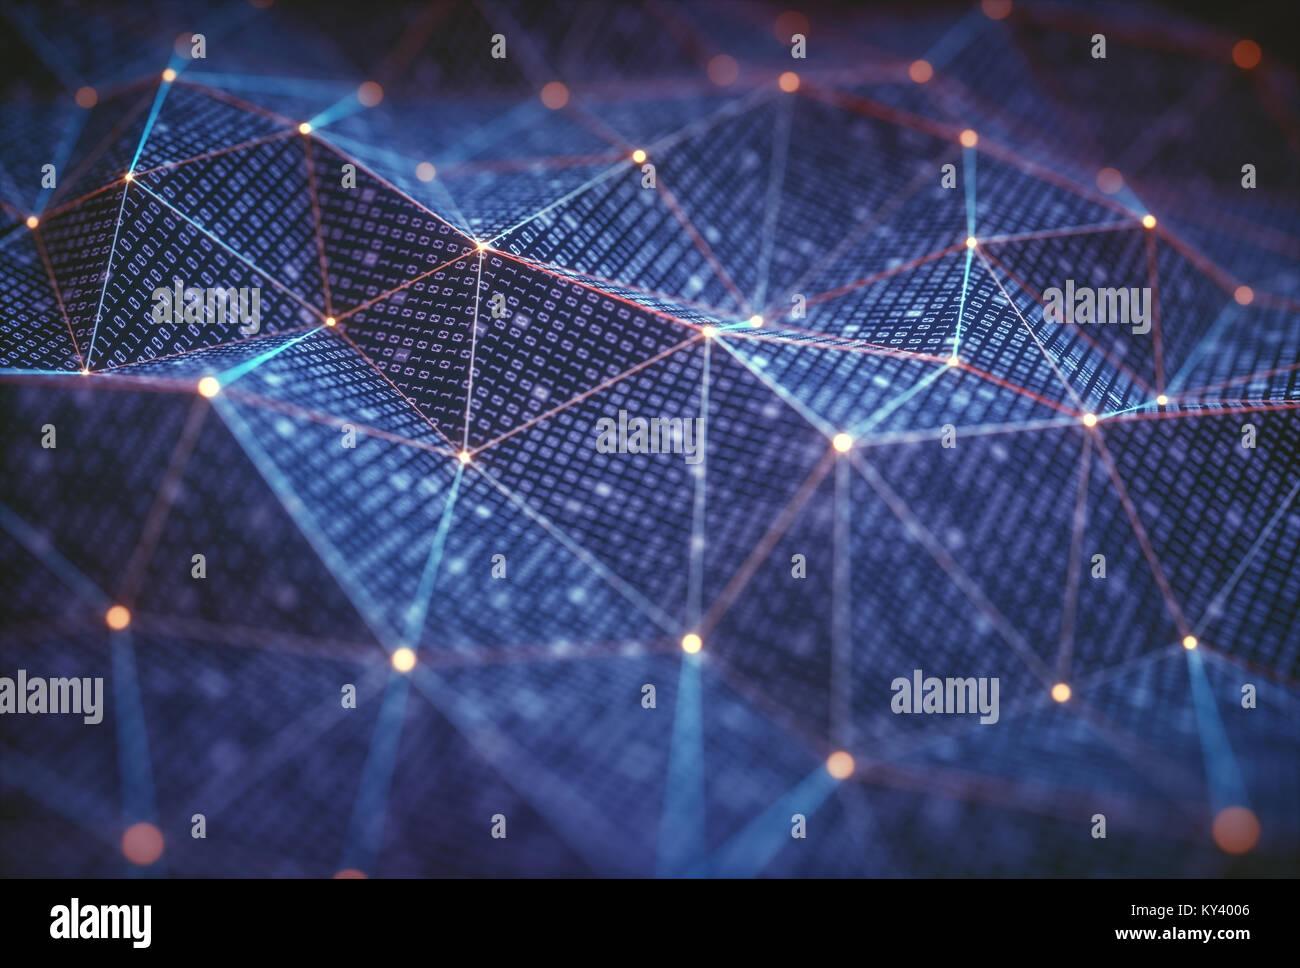 Ilustración 3D, Resumen Antecedentes, concepto de tecnología. Superficies binario interconectados mediante Imagen De Stock